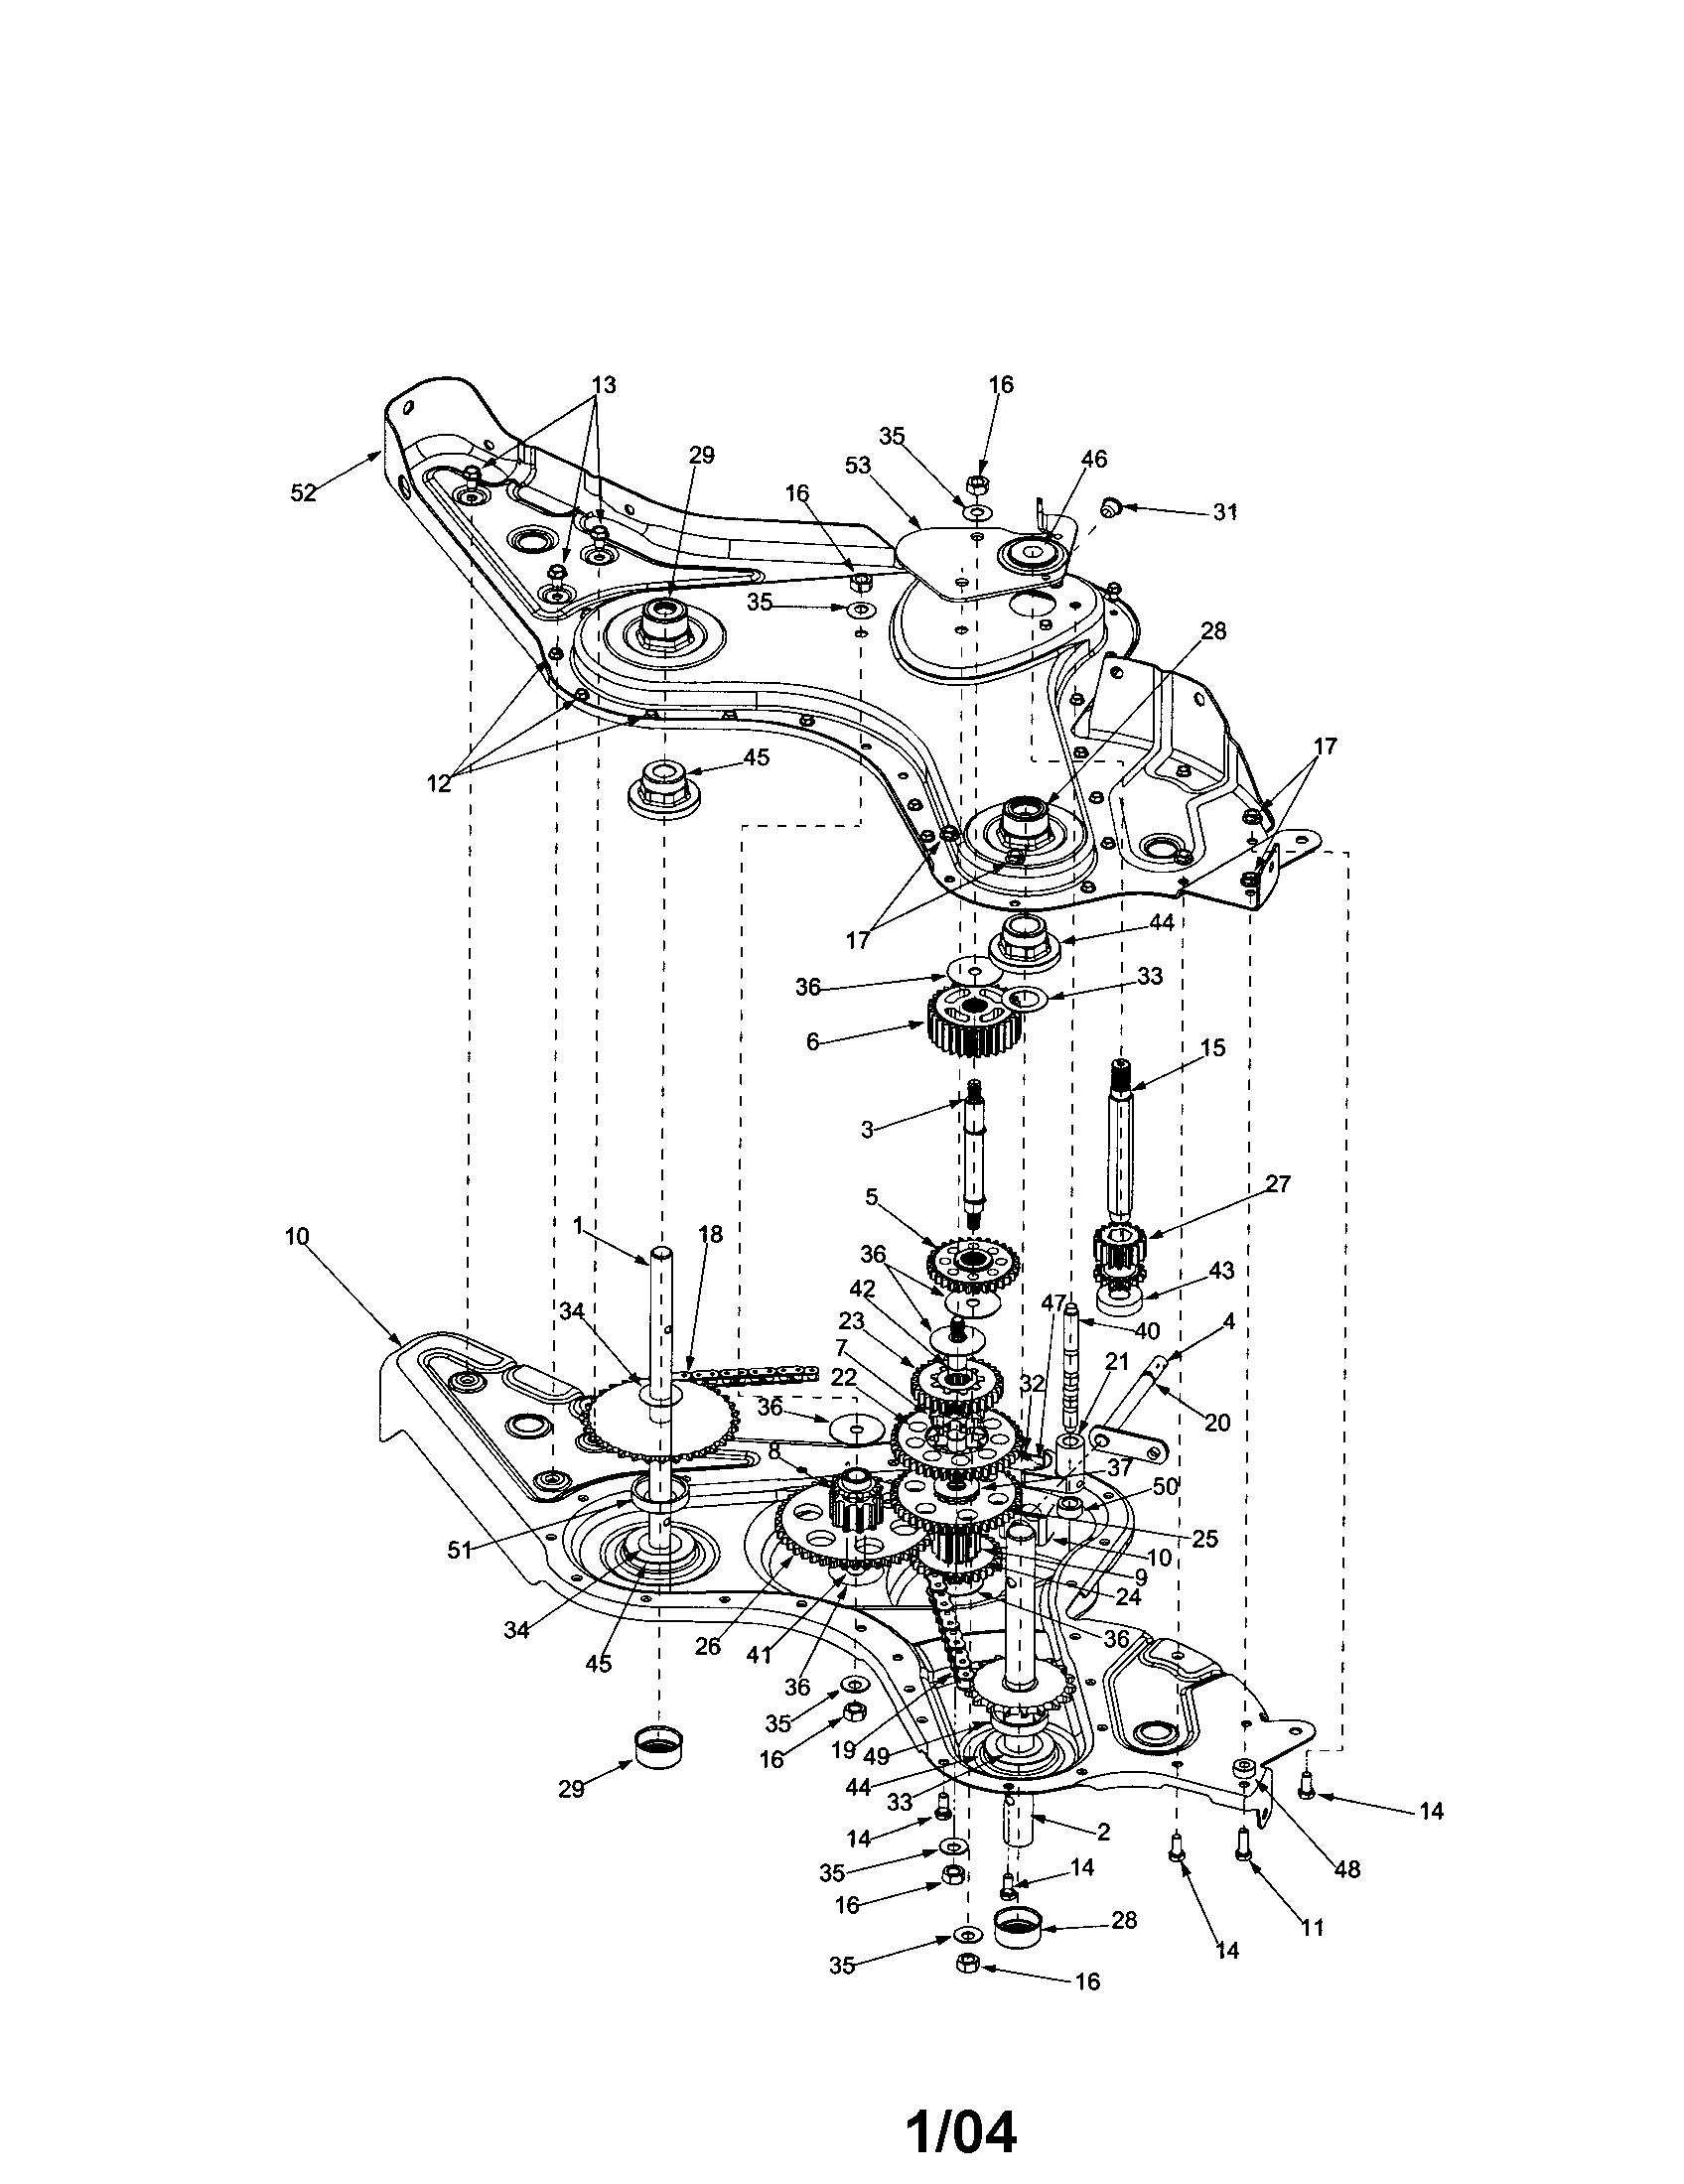 Mtd Rear Tine Tiller Diagram